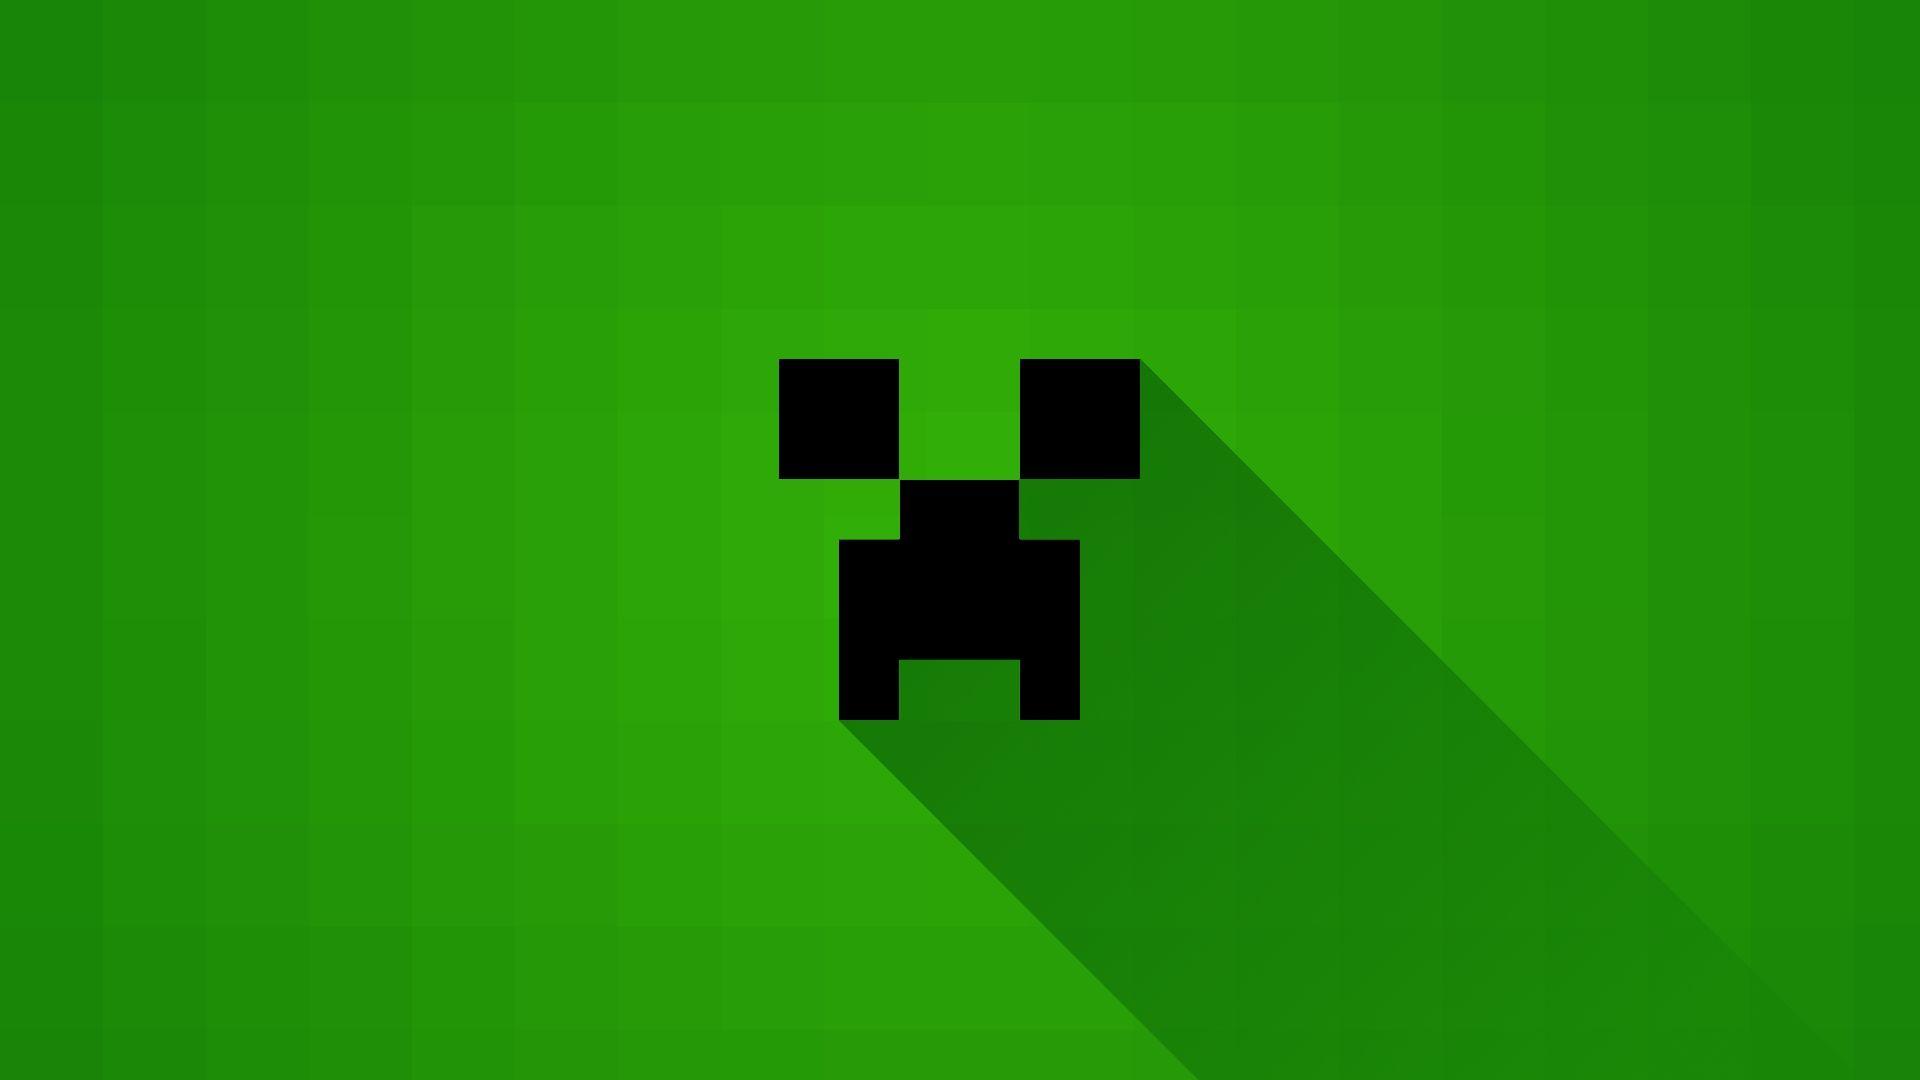 Minecraft Creeper Wallpaper 1080p Click Wallpapers Minecraft Wallpaper Animated Christmas Wallpaper Wallpaper Iphone Cute